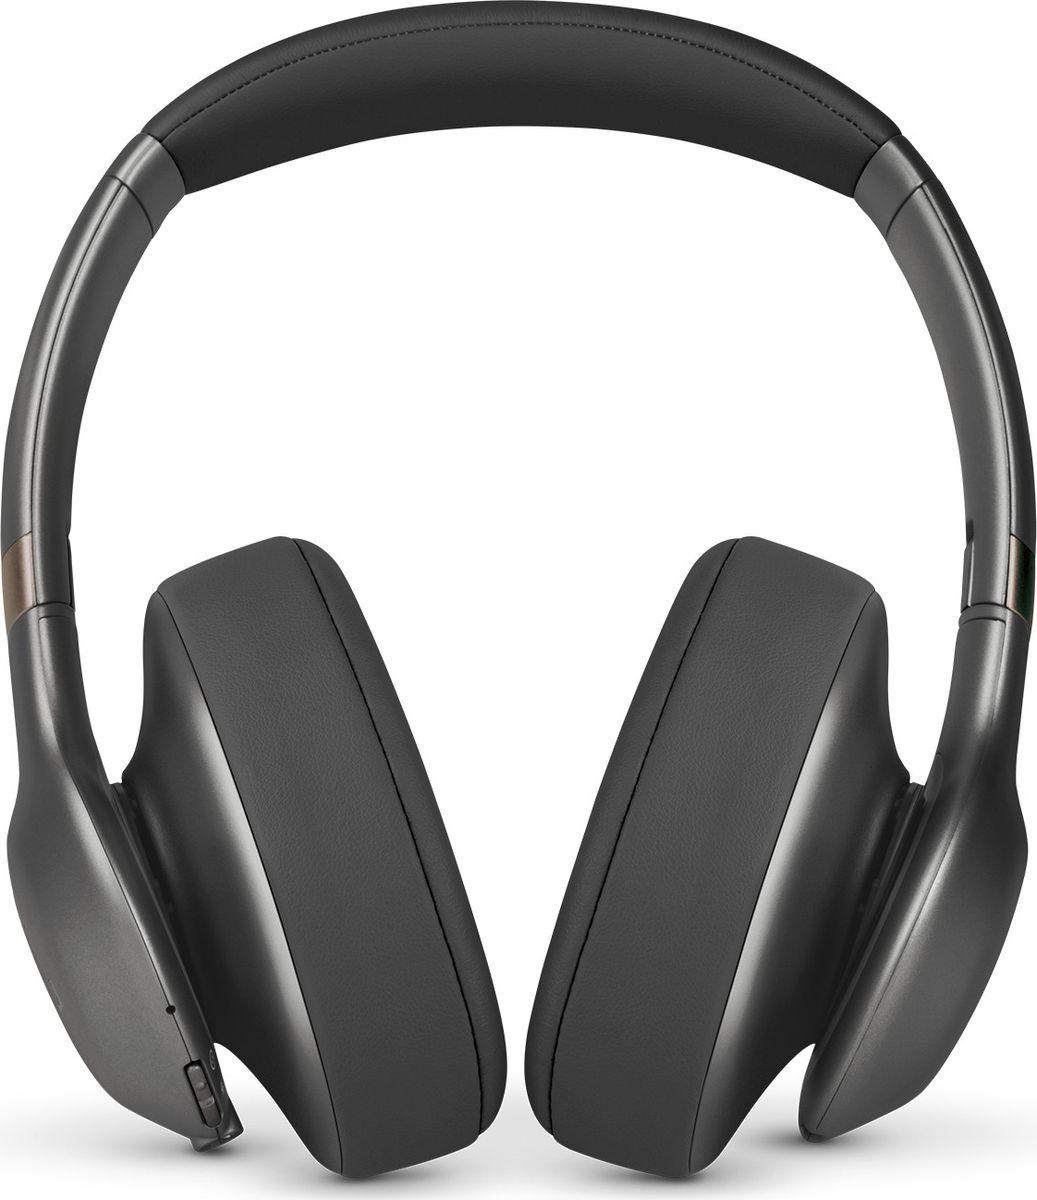 JBL Everest 710, Gun Metal наушникиJBLV710BTGMLНаденьте наушники JBL Everest 710 — и вас ждет до 25 часов свободного от проводов прослушивания, потрясающий легендарный звук JBL Pro, эргономичный комфорт и удобное прилегание благодаря отделке из высококачественных материалов. Технология Share Me 2.0 позволяет делиться музыкой с друзьями через Bluetooth. Благодаря быстрому времени зарядке (2 часа), элегантному складывающемуся дизайну и компактному жесткому футляру эти наушники станут вашим идеальным попутчиком в поездках. Встроенный микрофон обеспечивает кристально чистый звук во время звонков в режиме hands-free, а удобные кнопки на чашке наушника позволяют выбирать нужную музыку. Наушники доступны в металлических оттенках. Они сделают музыку центром вашей жизни. Позвольте себе этот звук.